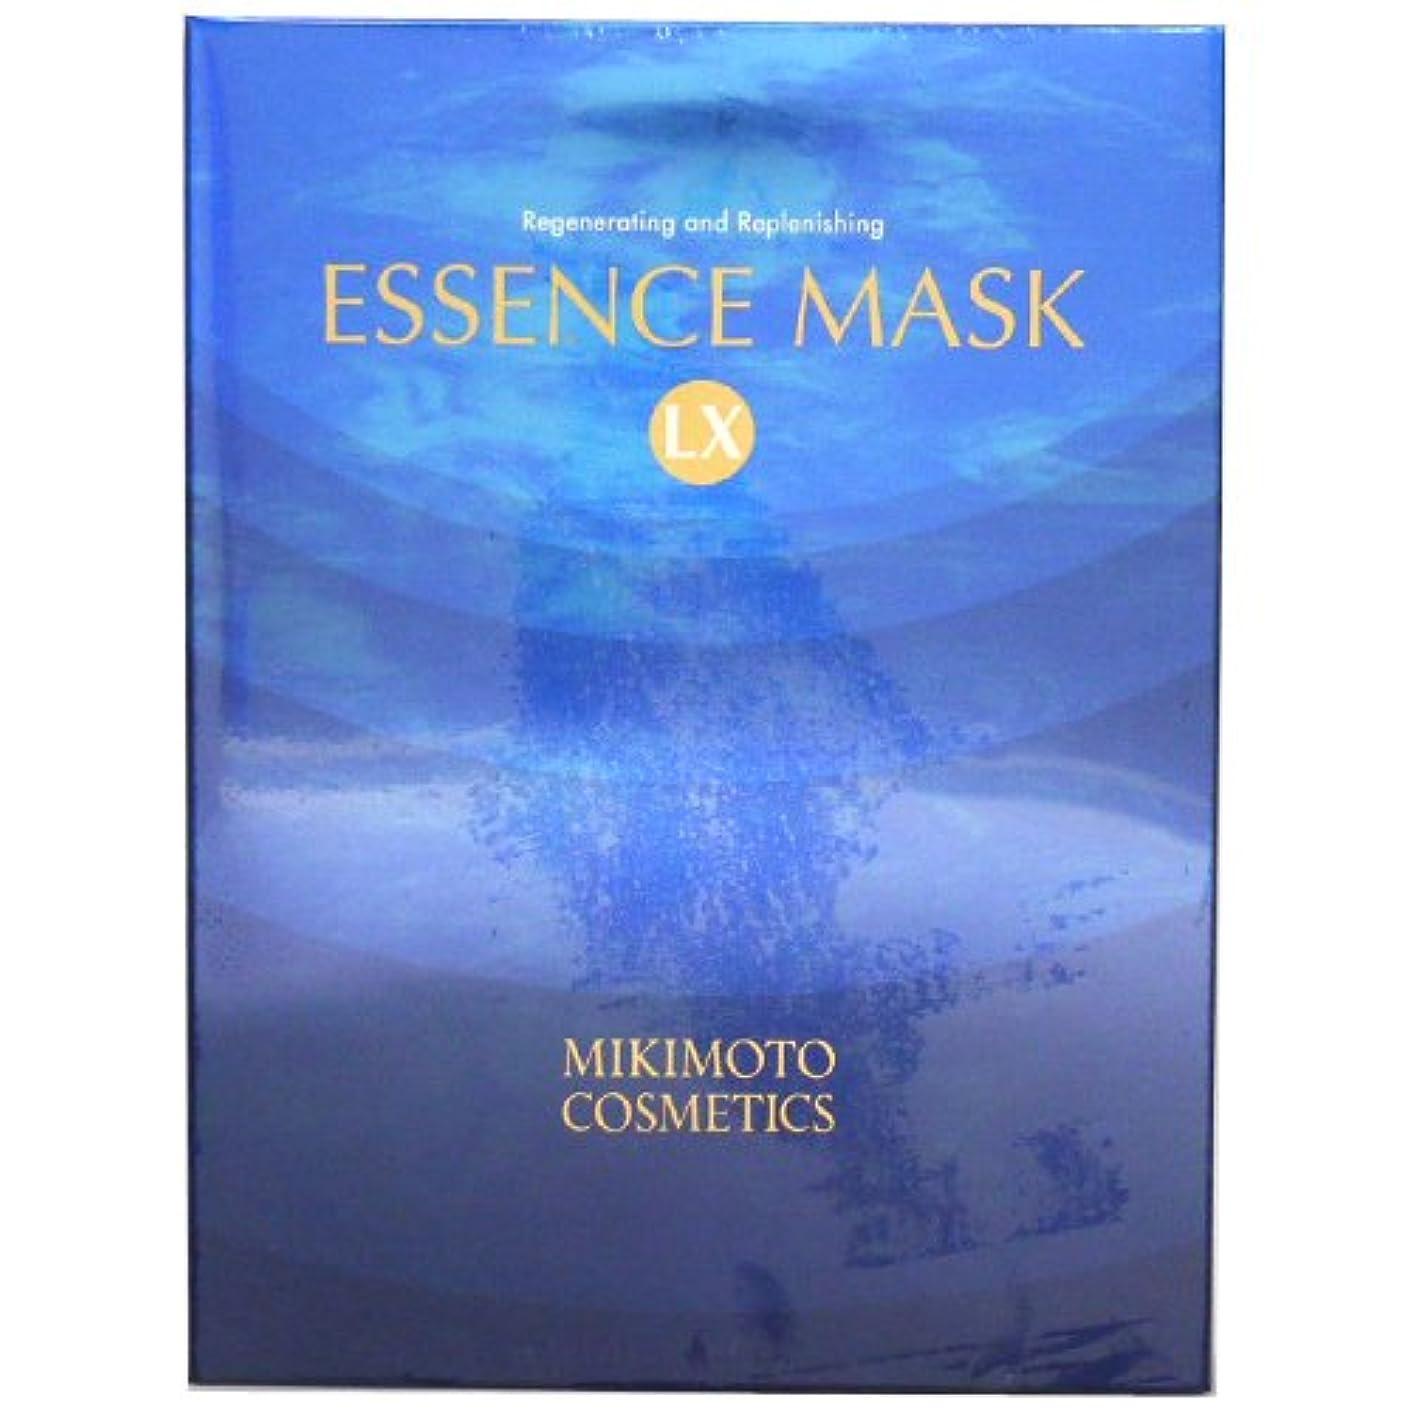 母何魅力的であることへのアピールミキモト化粧品 MIKIMOTO コスメティックス エッセンスマスクLX (シート状美容マスク) 【6枚入】